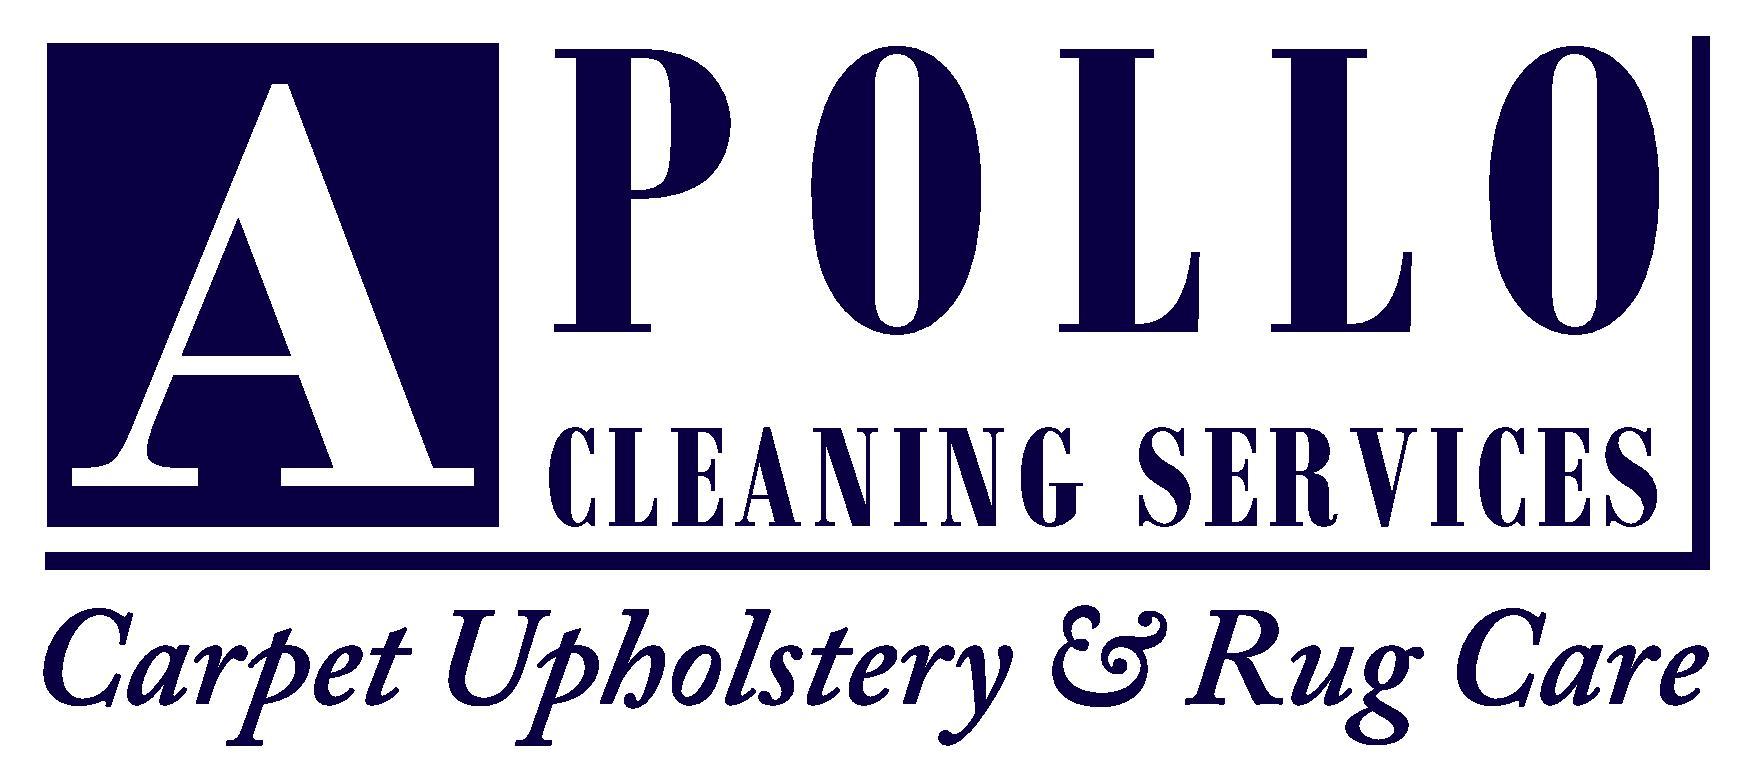 Apollo Carpet & Fabric Care